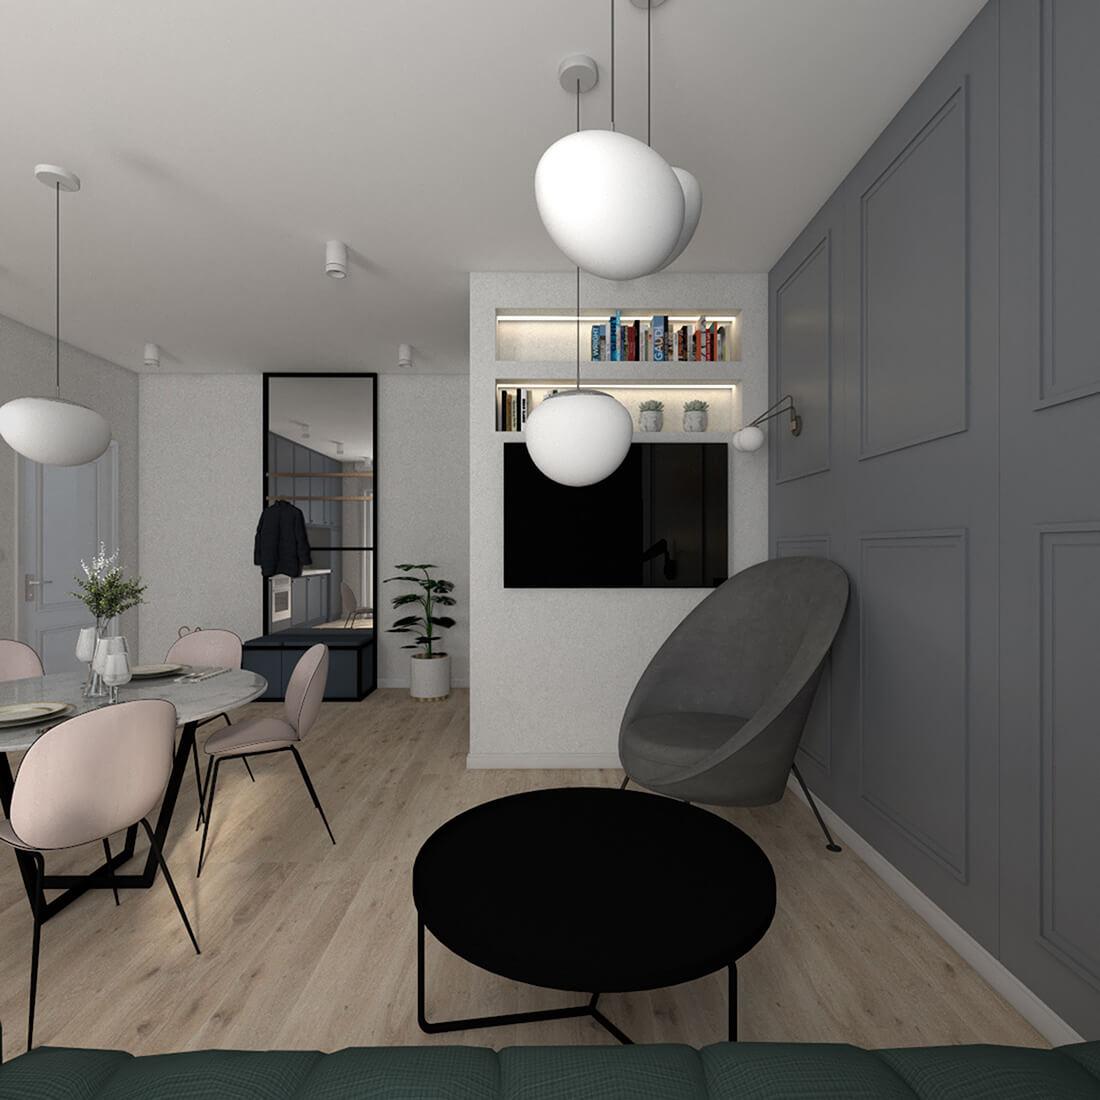 salon łączony z jadalnią i kuchnią w mieszkaniu 60m2